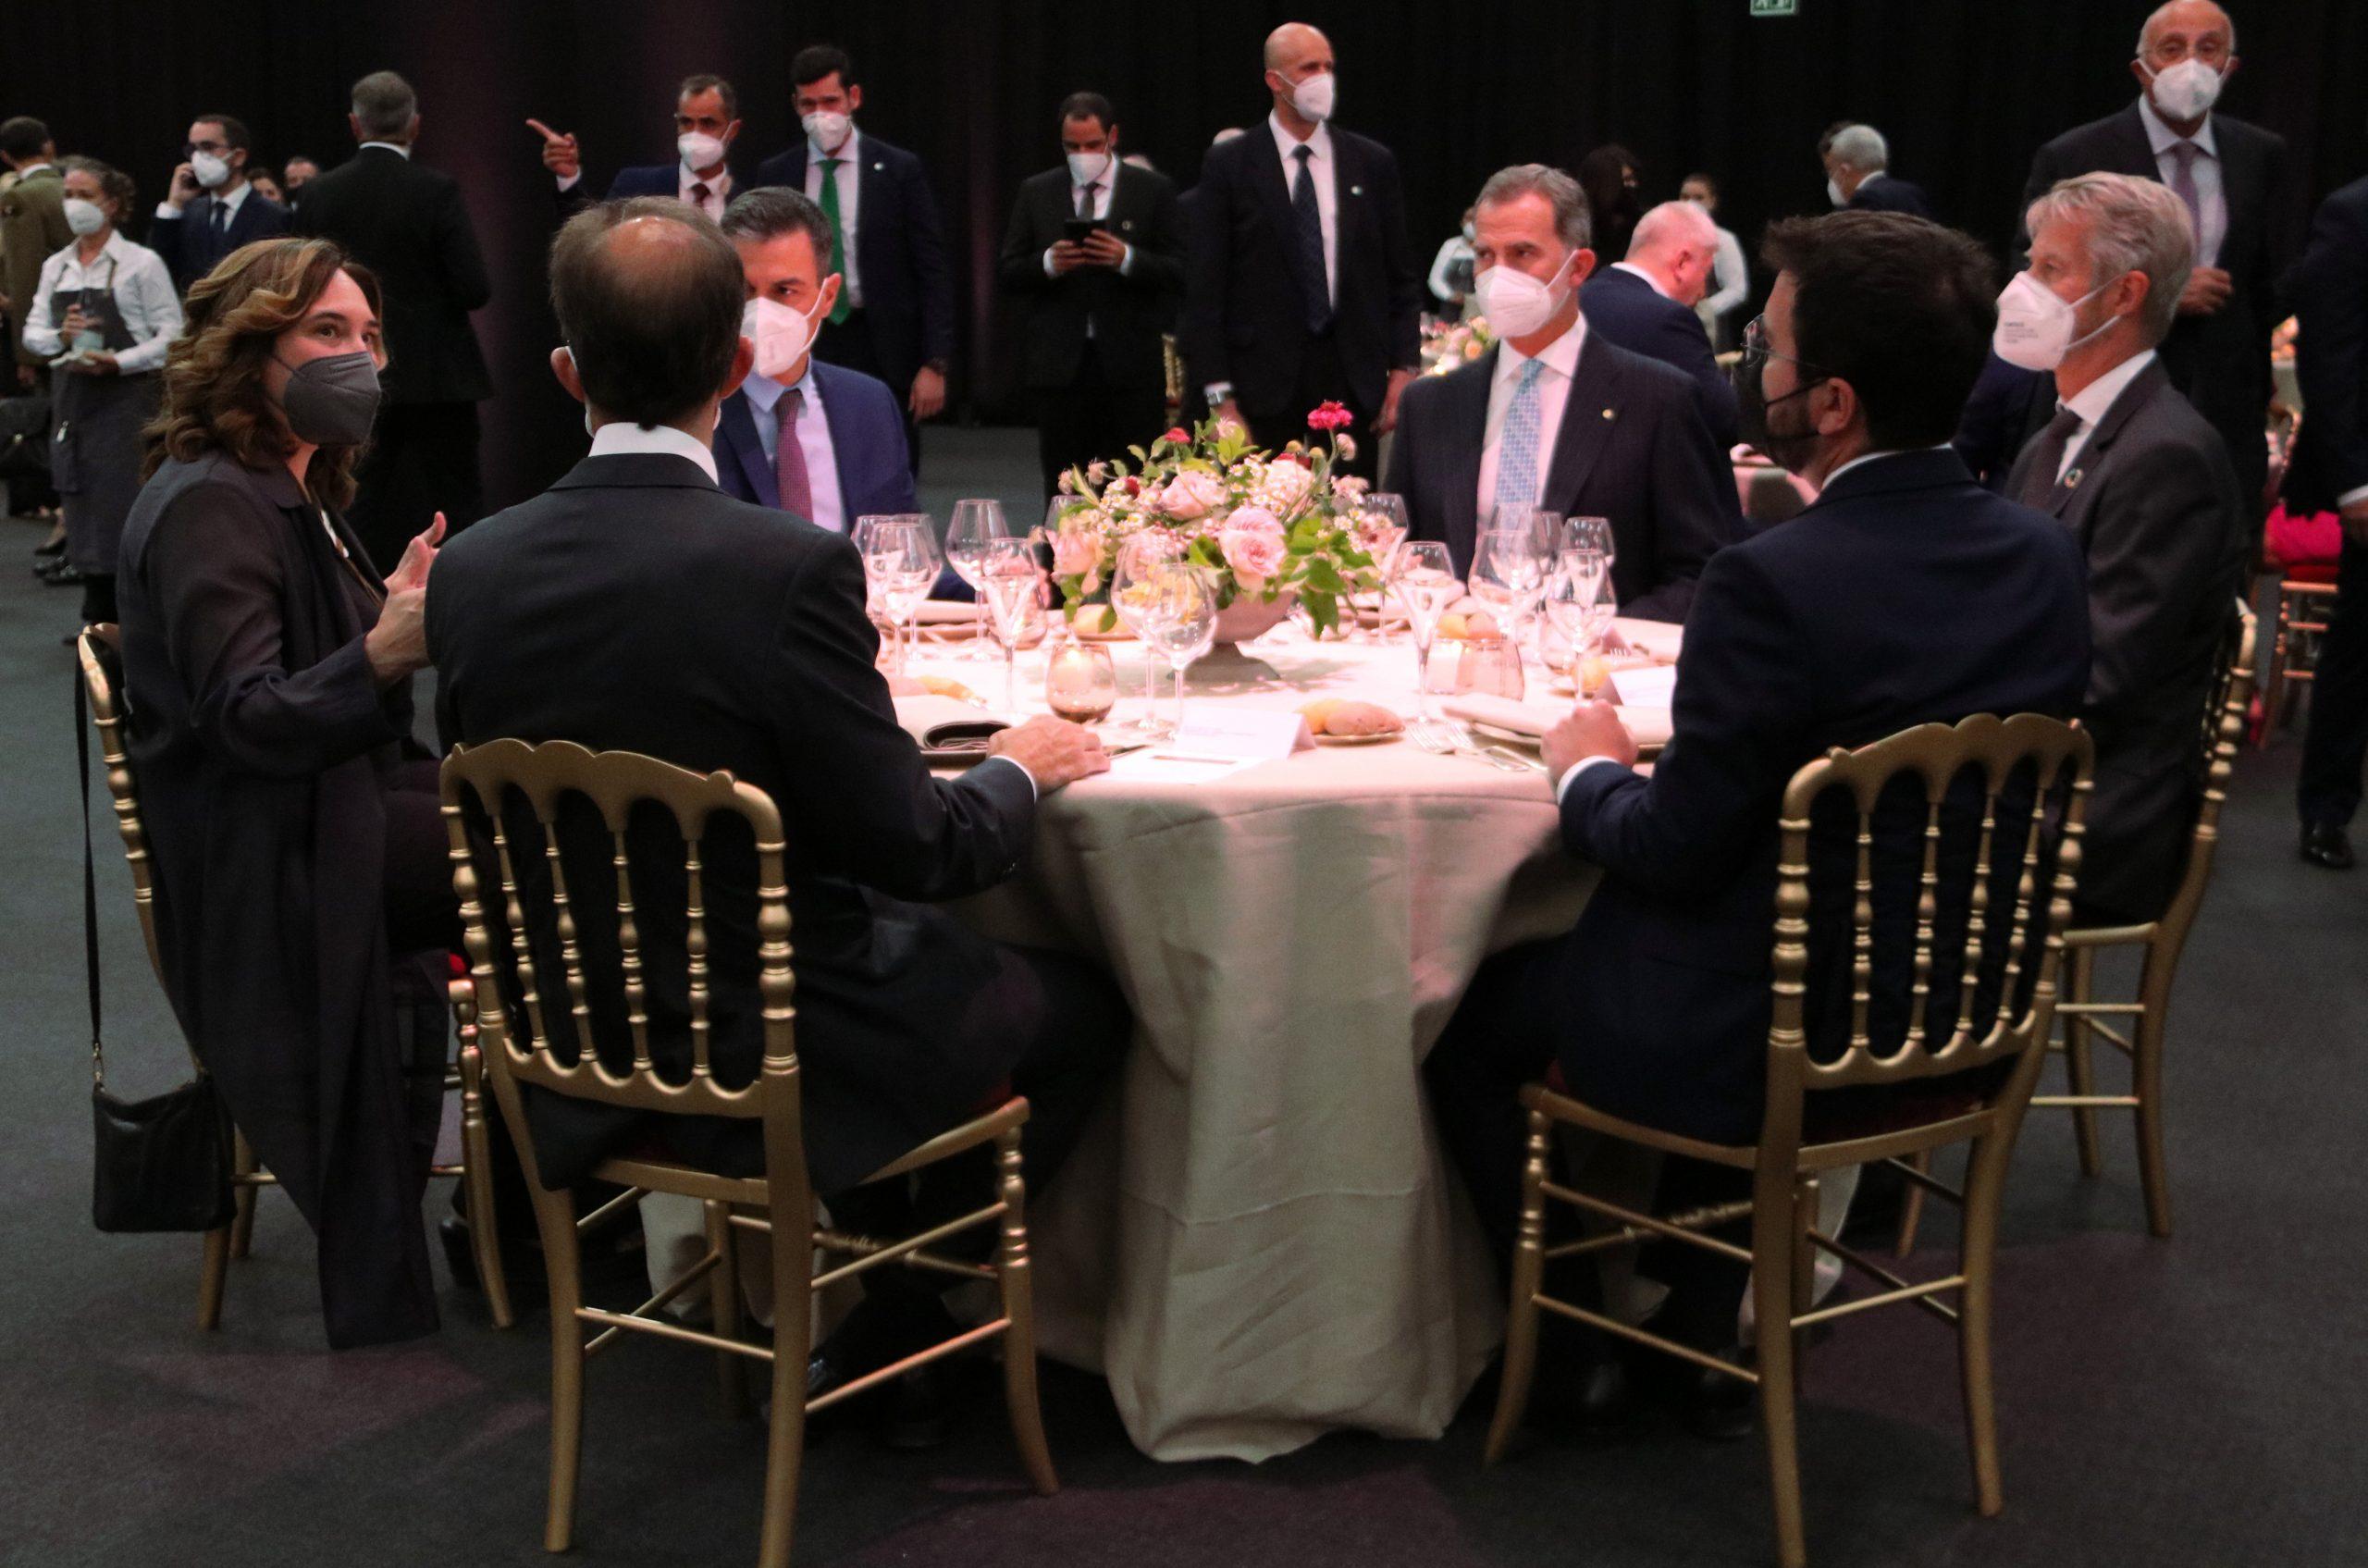 La taula presidencial del sopar inaugural del Mobile World Congress (MWC) 2021 amb el rei Felip VI, els presidents Pedro Sánchez i Pere Aragonès, i l'alcaldessa de Barcelona, Ada Colau / ACN